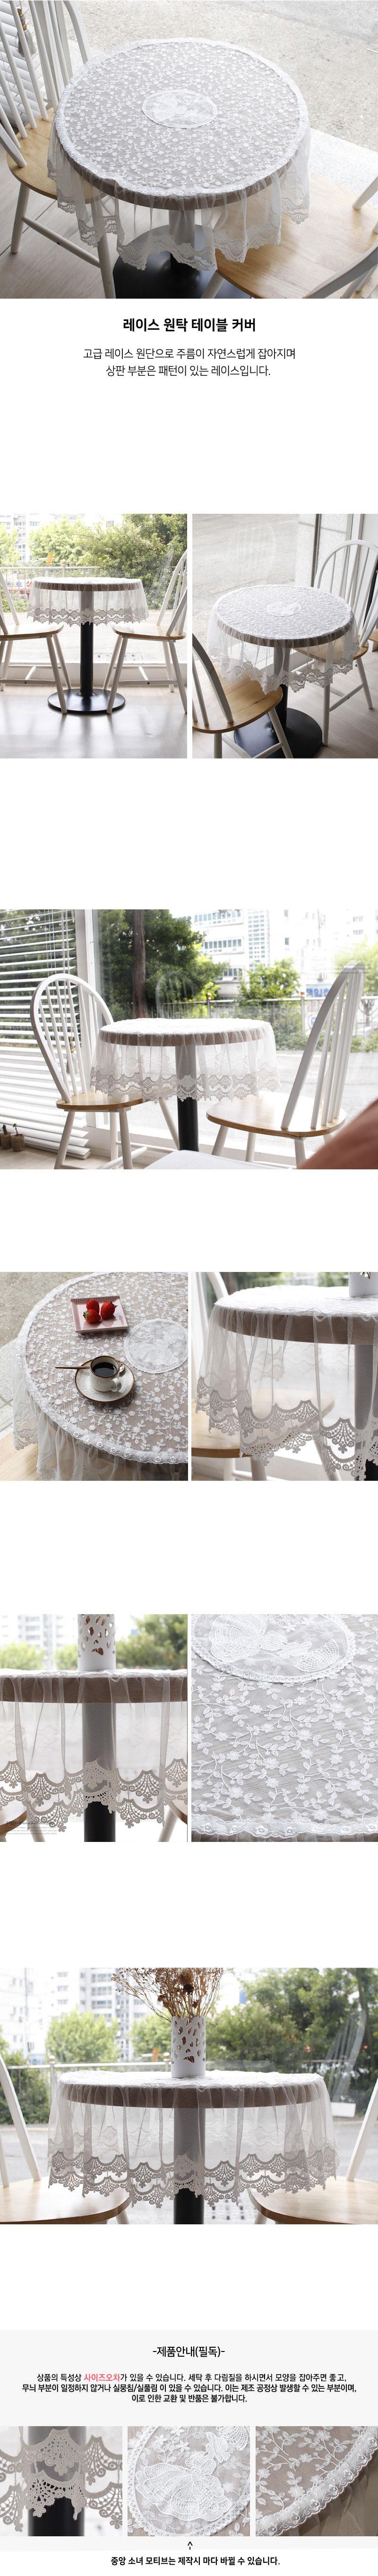 레이스 원탁 테이블 커버 - 안나하우스, 68,000원, 식탁, 식탁보